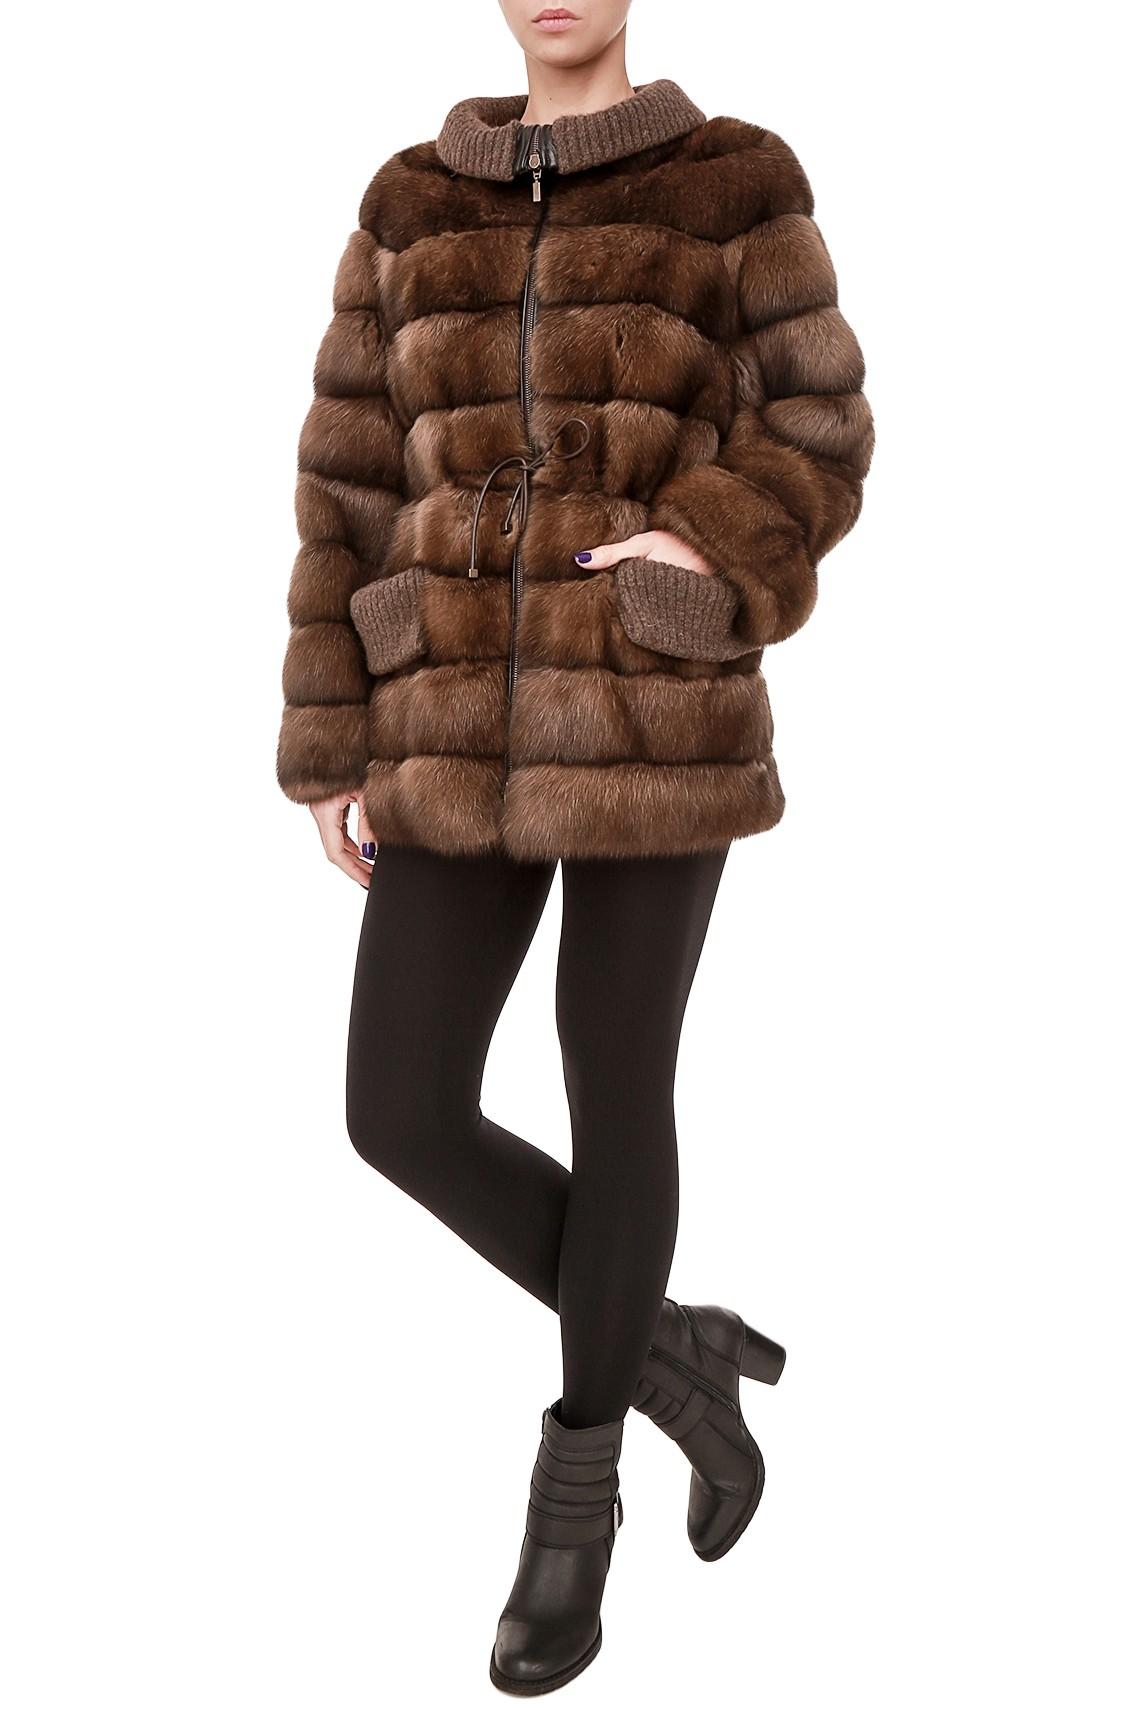 Итальянская куртка из меха соболя Gavazzi Furs